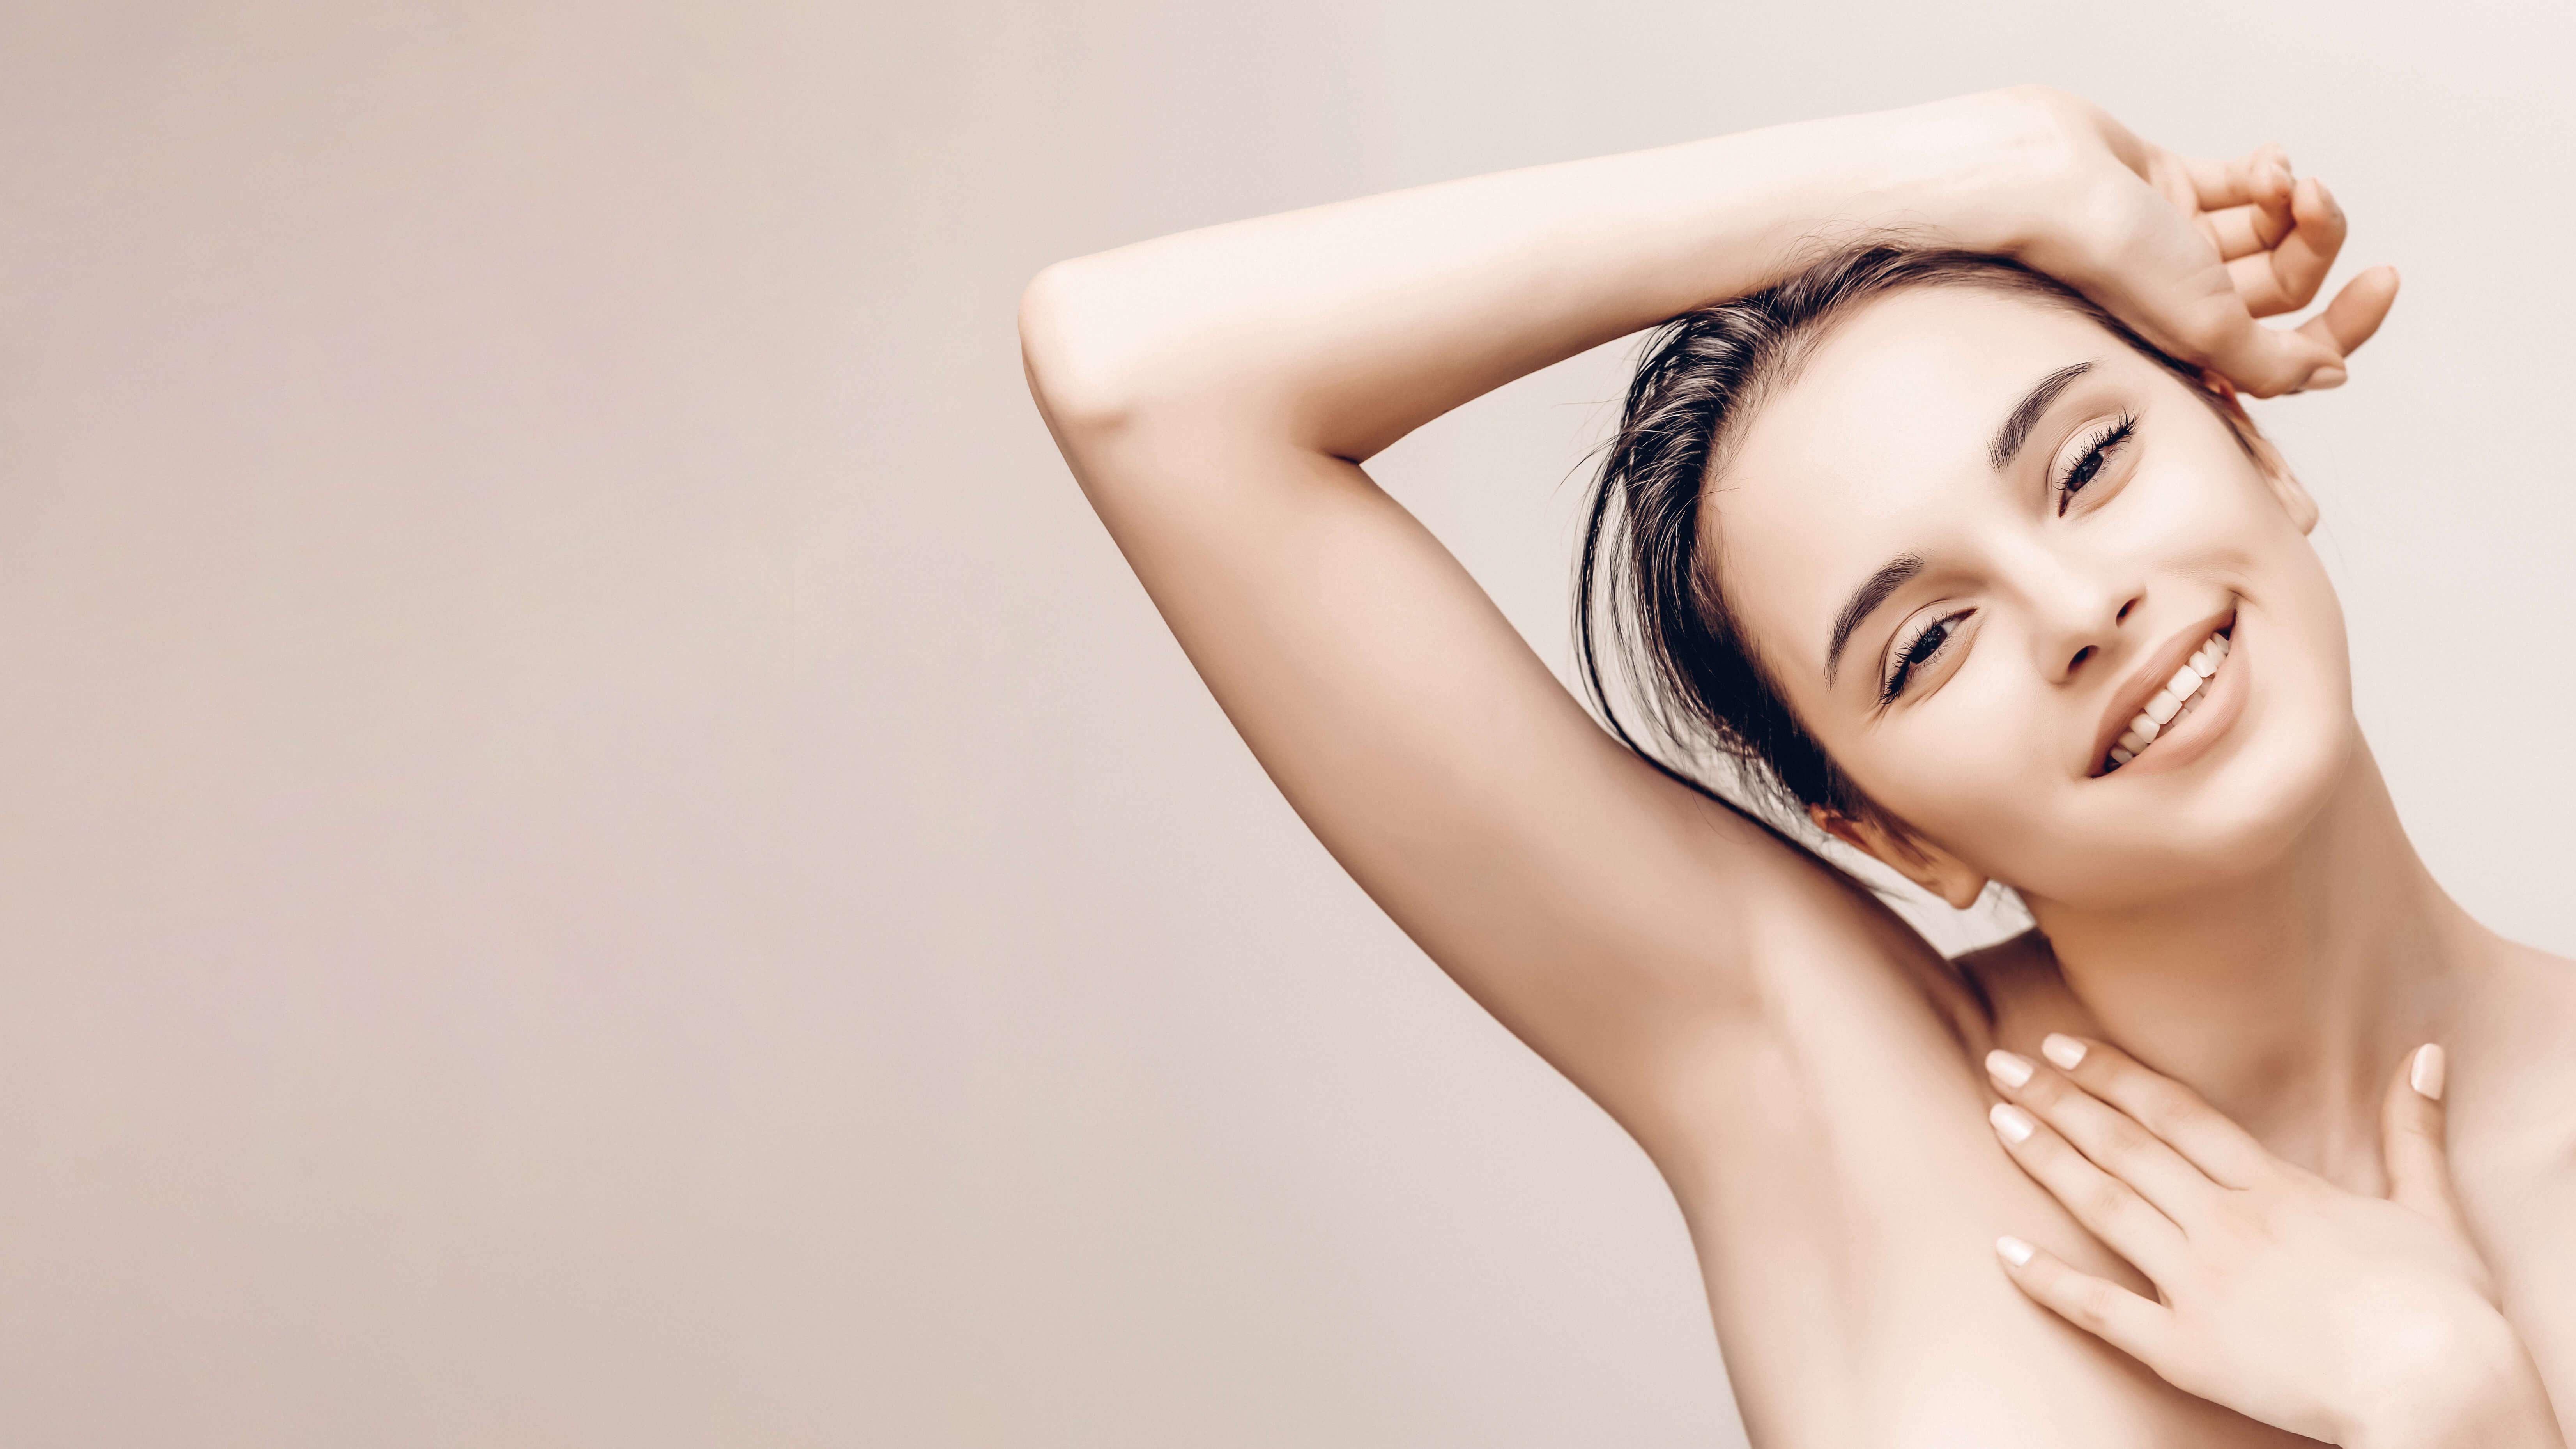 miami skin spa hair removal